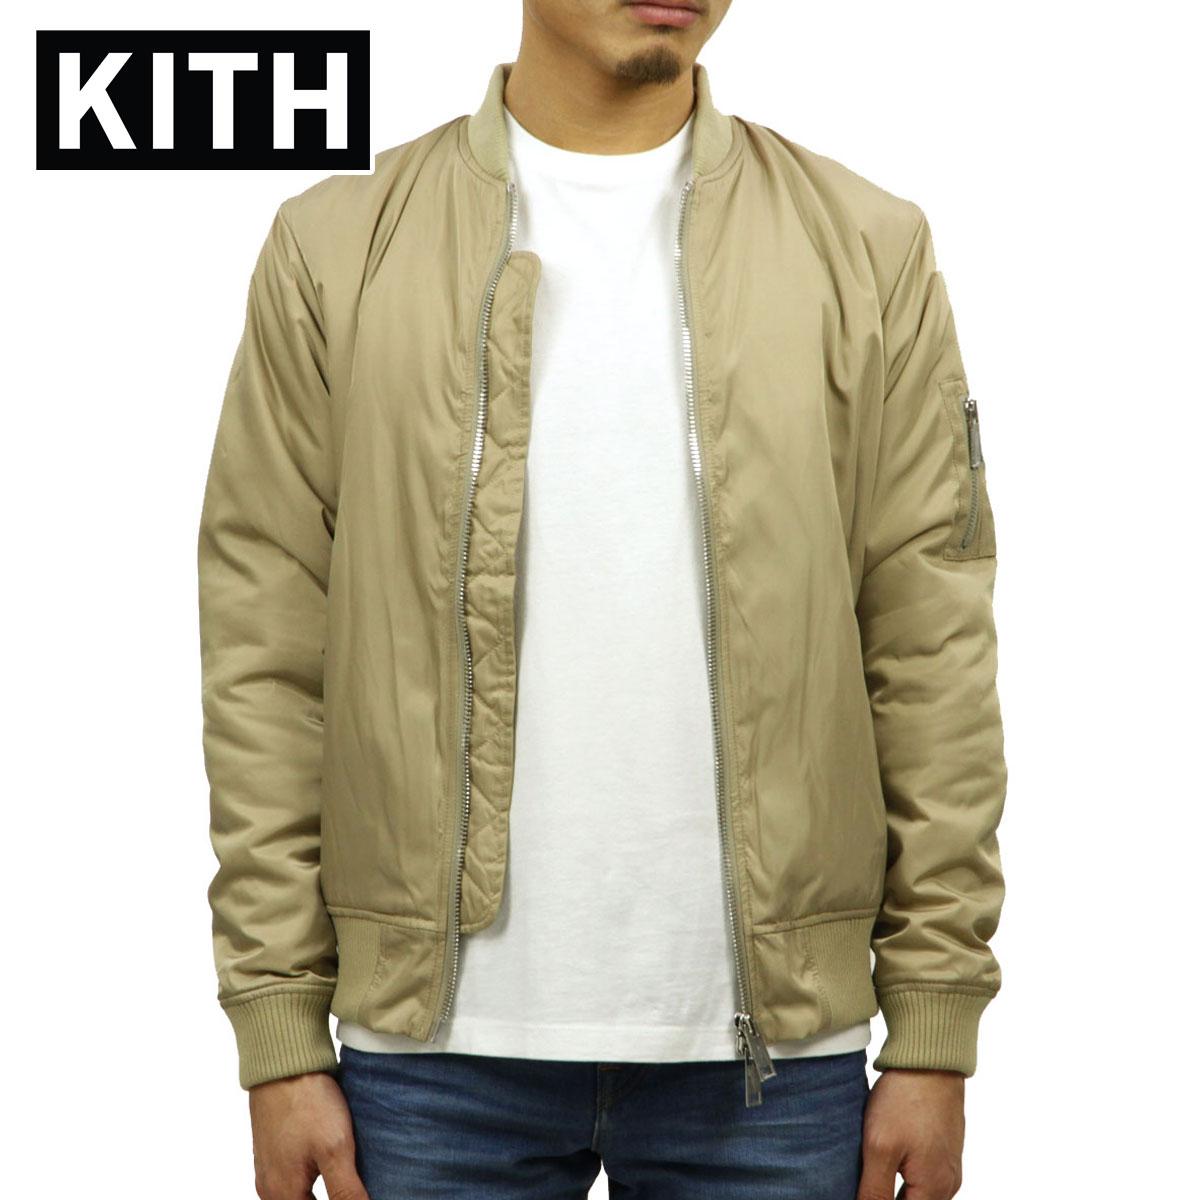 キス KITH 正規品 メンズ MA-1 KITH CLASSICS ASTOR BOMBER COFFEE KH1046-108 D00S15